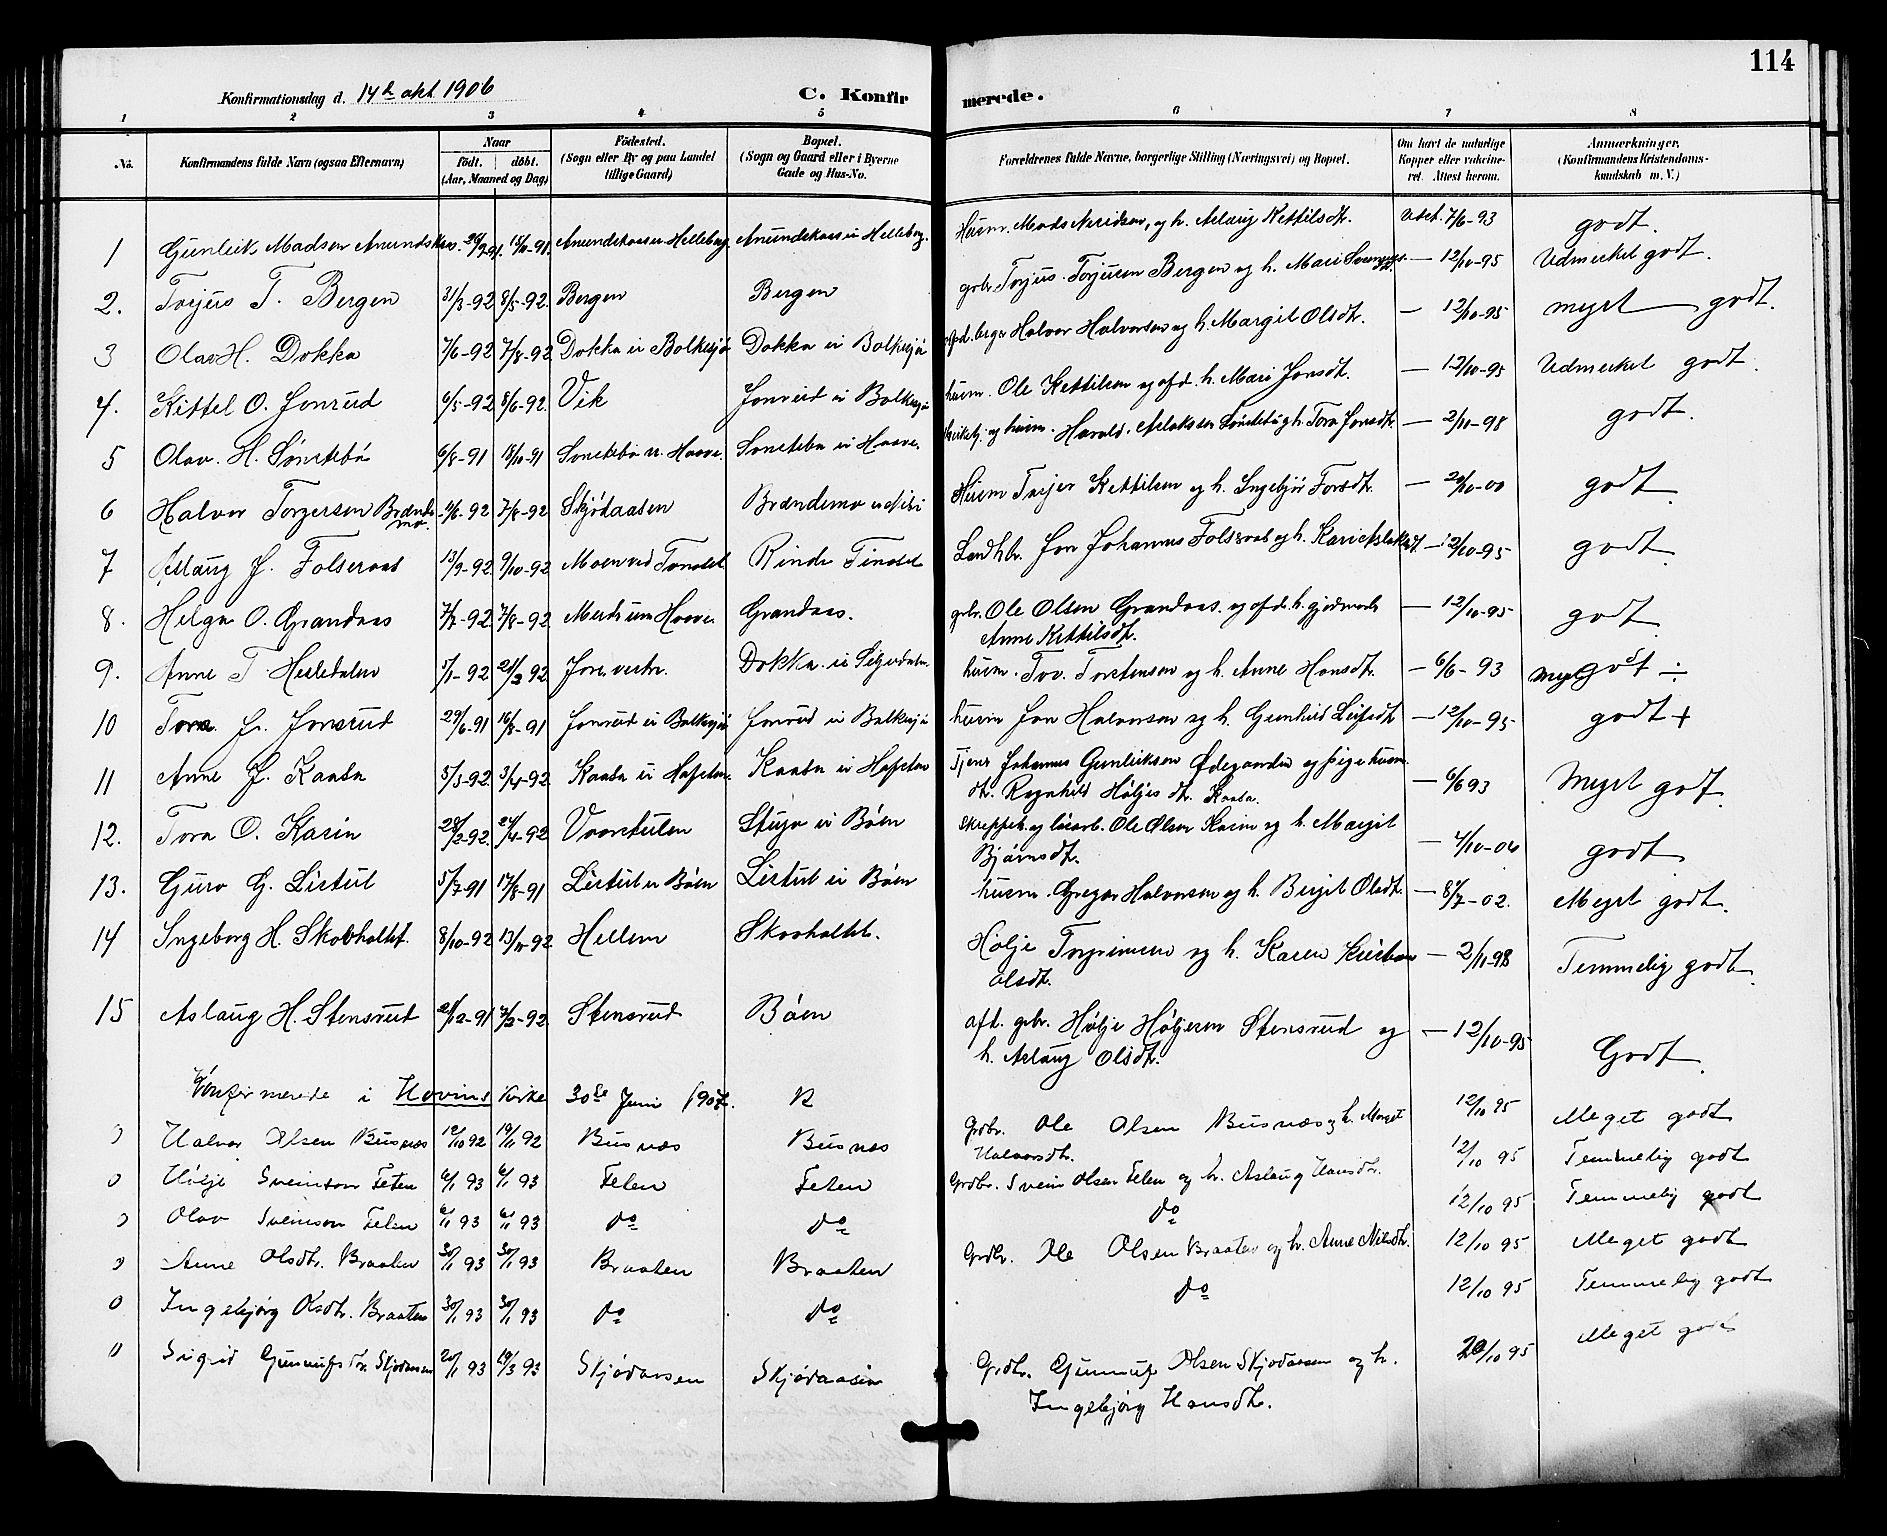 SAKO, Gransherad kirkebøker, G/Ga/L0003: Klokkerbok nr. I 3, 1887-1915, s. 114